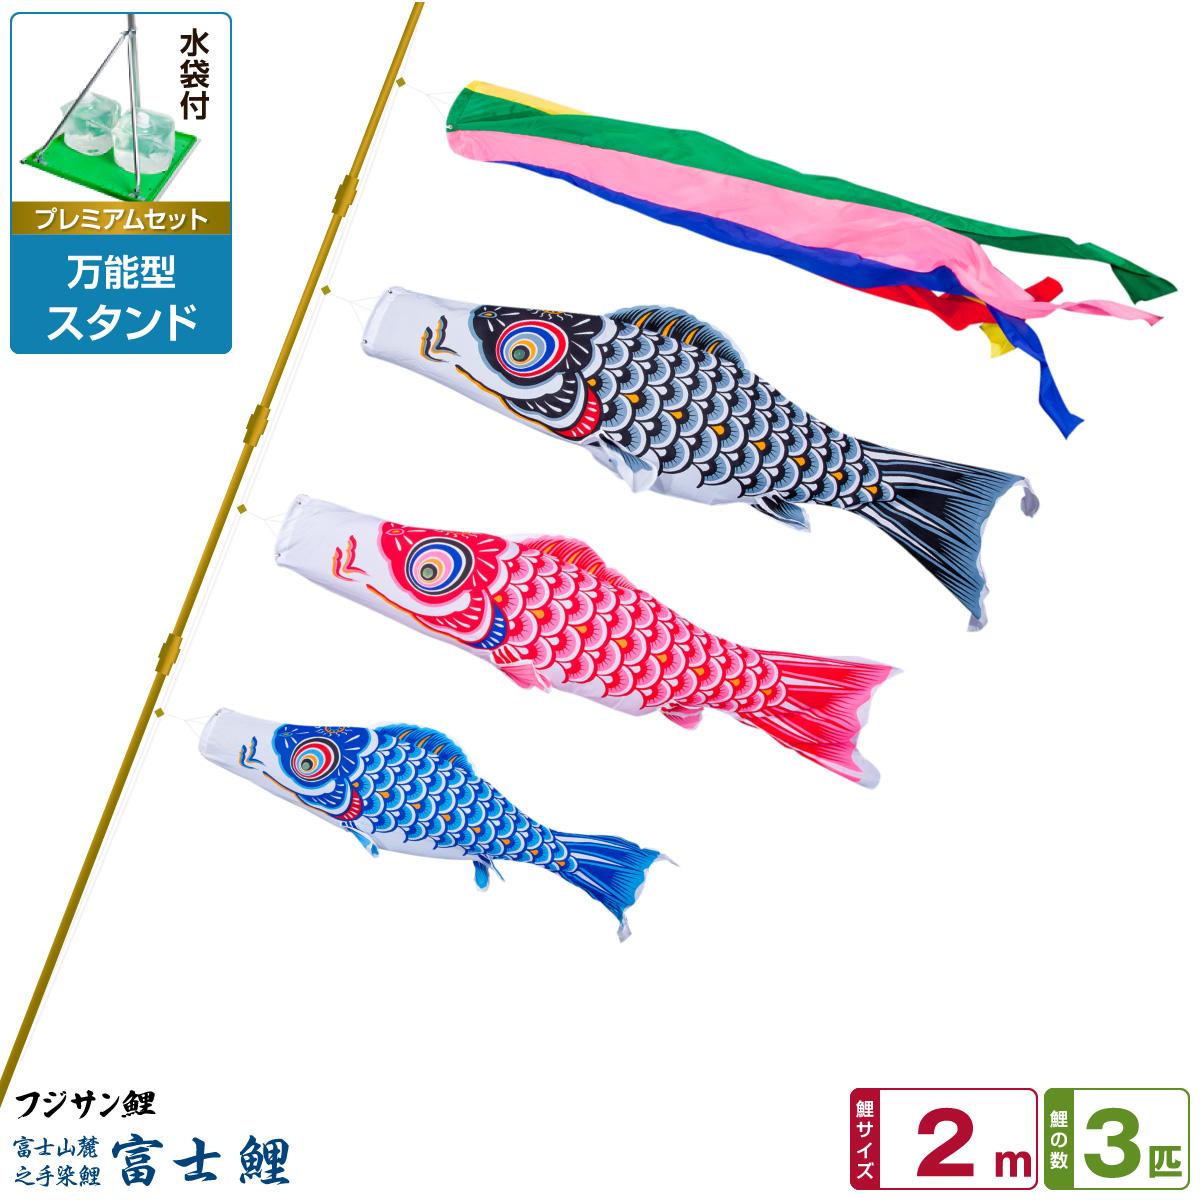 ベランダ用 こいのぼり 鯉のぼり フジサン鯉 富士鯉 2m 6点(吹流し+鯉3匹+矢車+ロープ)/プレミアムセット(万能スタンド)